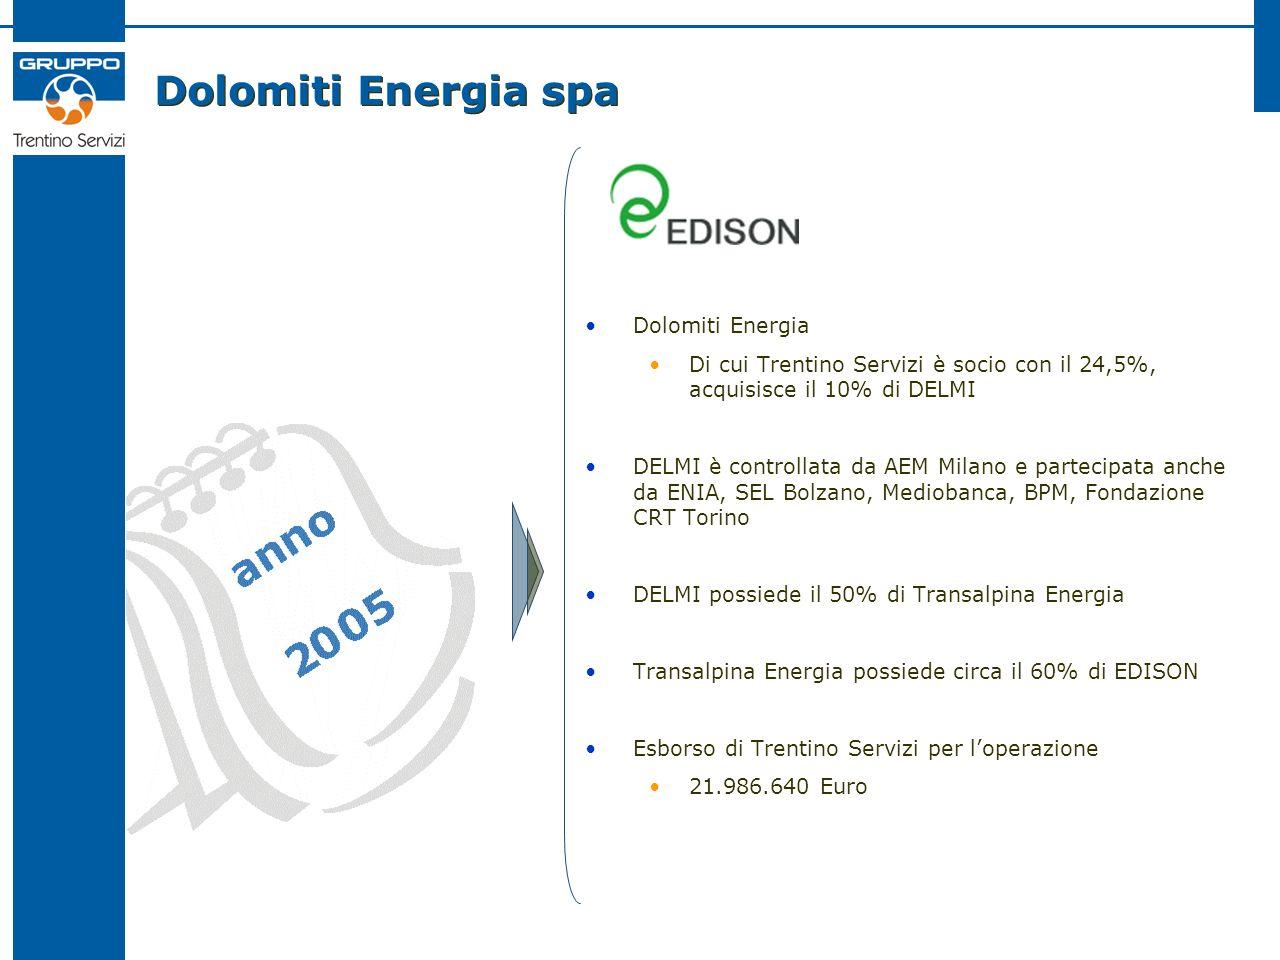 Dolomiti Energia spa Dolomiti Energia Di cui Trentino Servizi è socio con il 24,5%, acquisisce il 10% di DELMI DELMI è controllata da AEM Milano e partecipata anche da ENIA, SEL Bolzano, Mediobanca, BPM, Fondazione CRT Torino DELMI possiede il 50% di Transalpina Energia Transalpina Energia possiede circa il 60% di EDISON Esborso di Trentino Servizi per loperazione 21.986.640 Euro